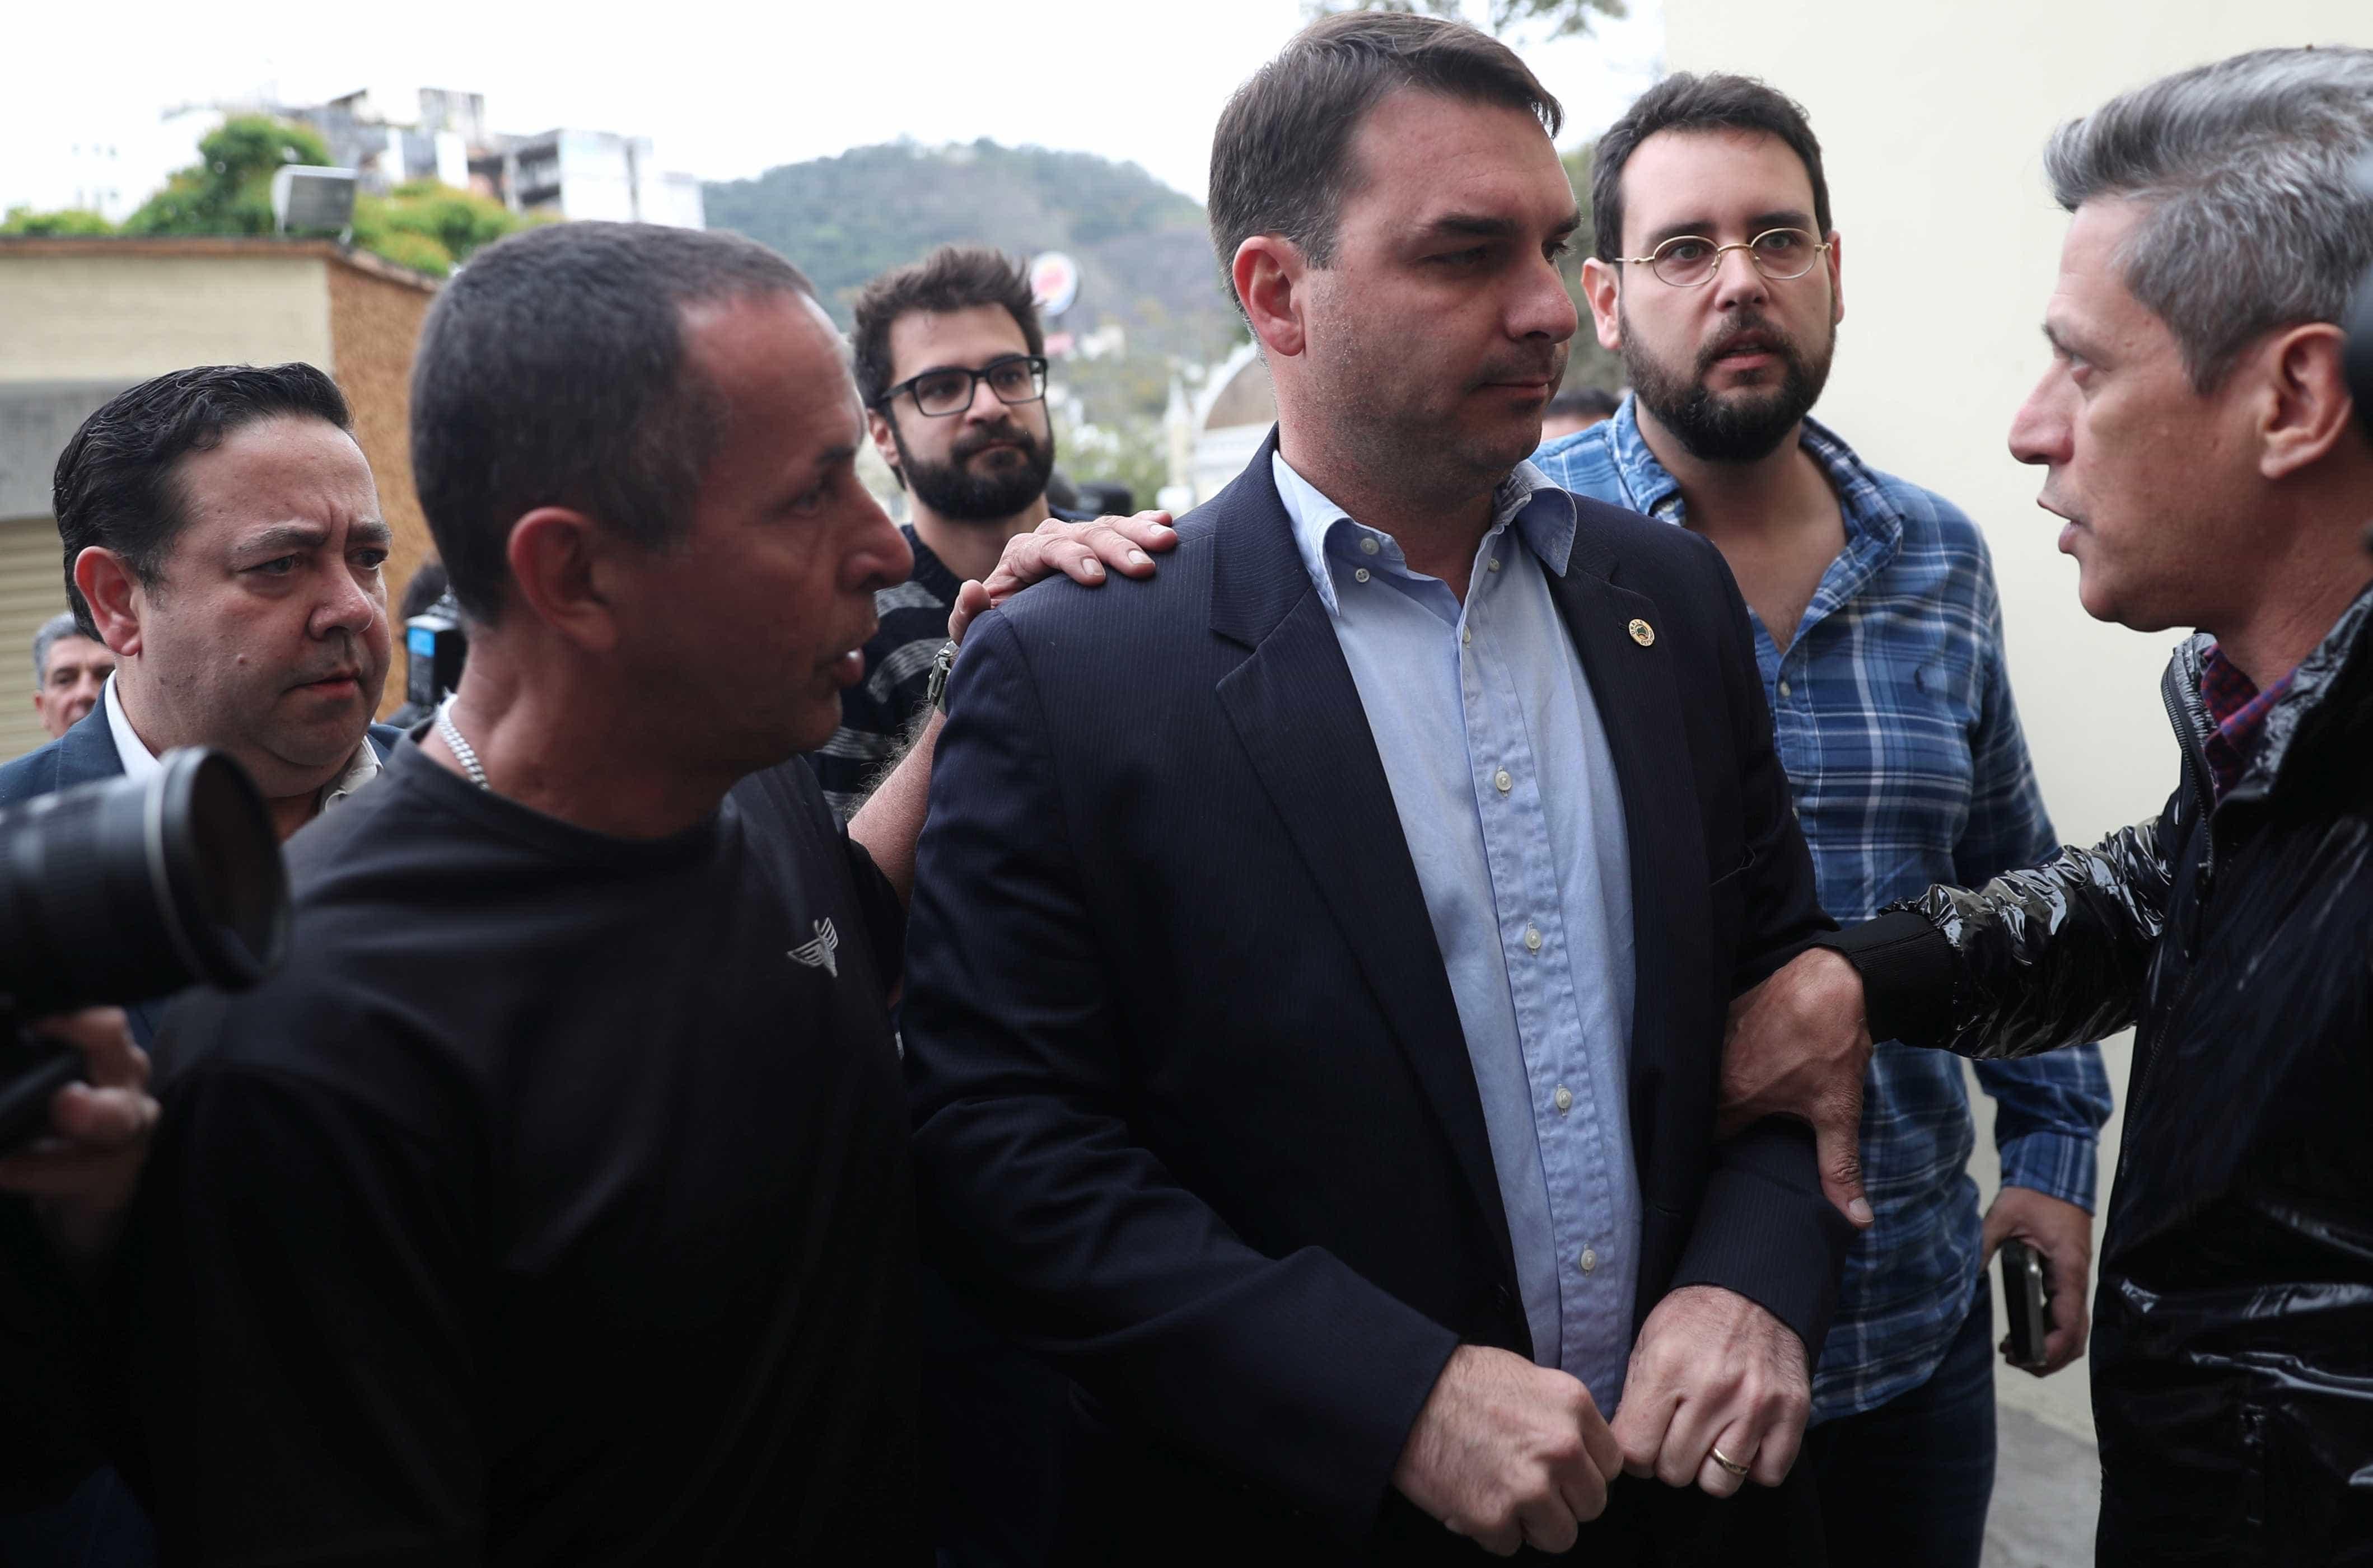 Flávio diz que não fez nada de errado e está à disposição da Justiça